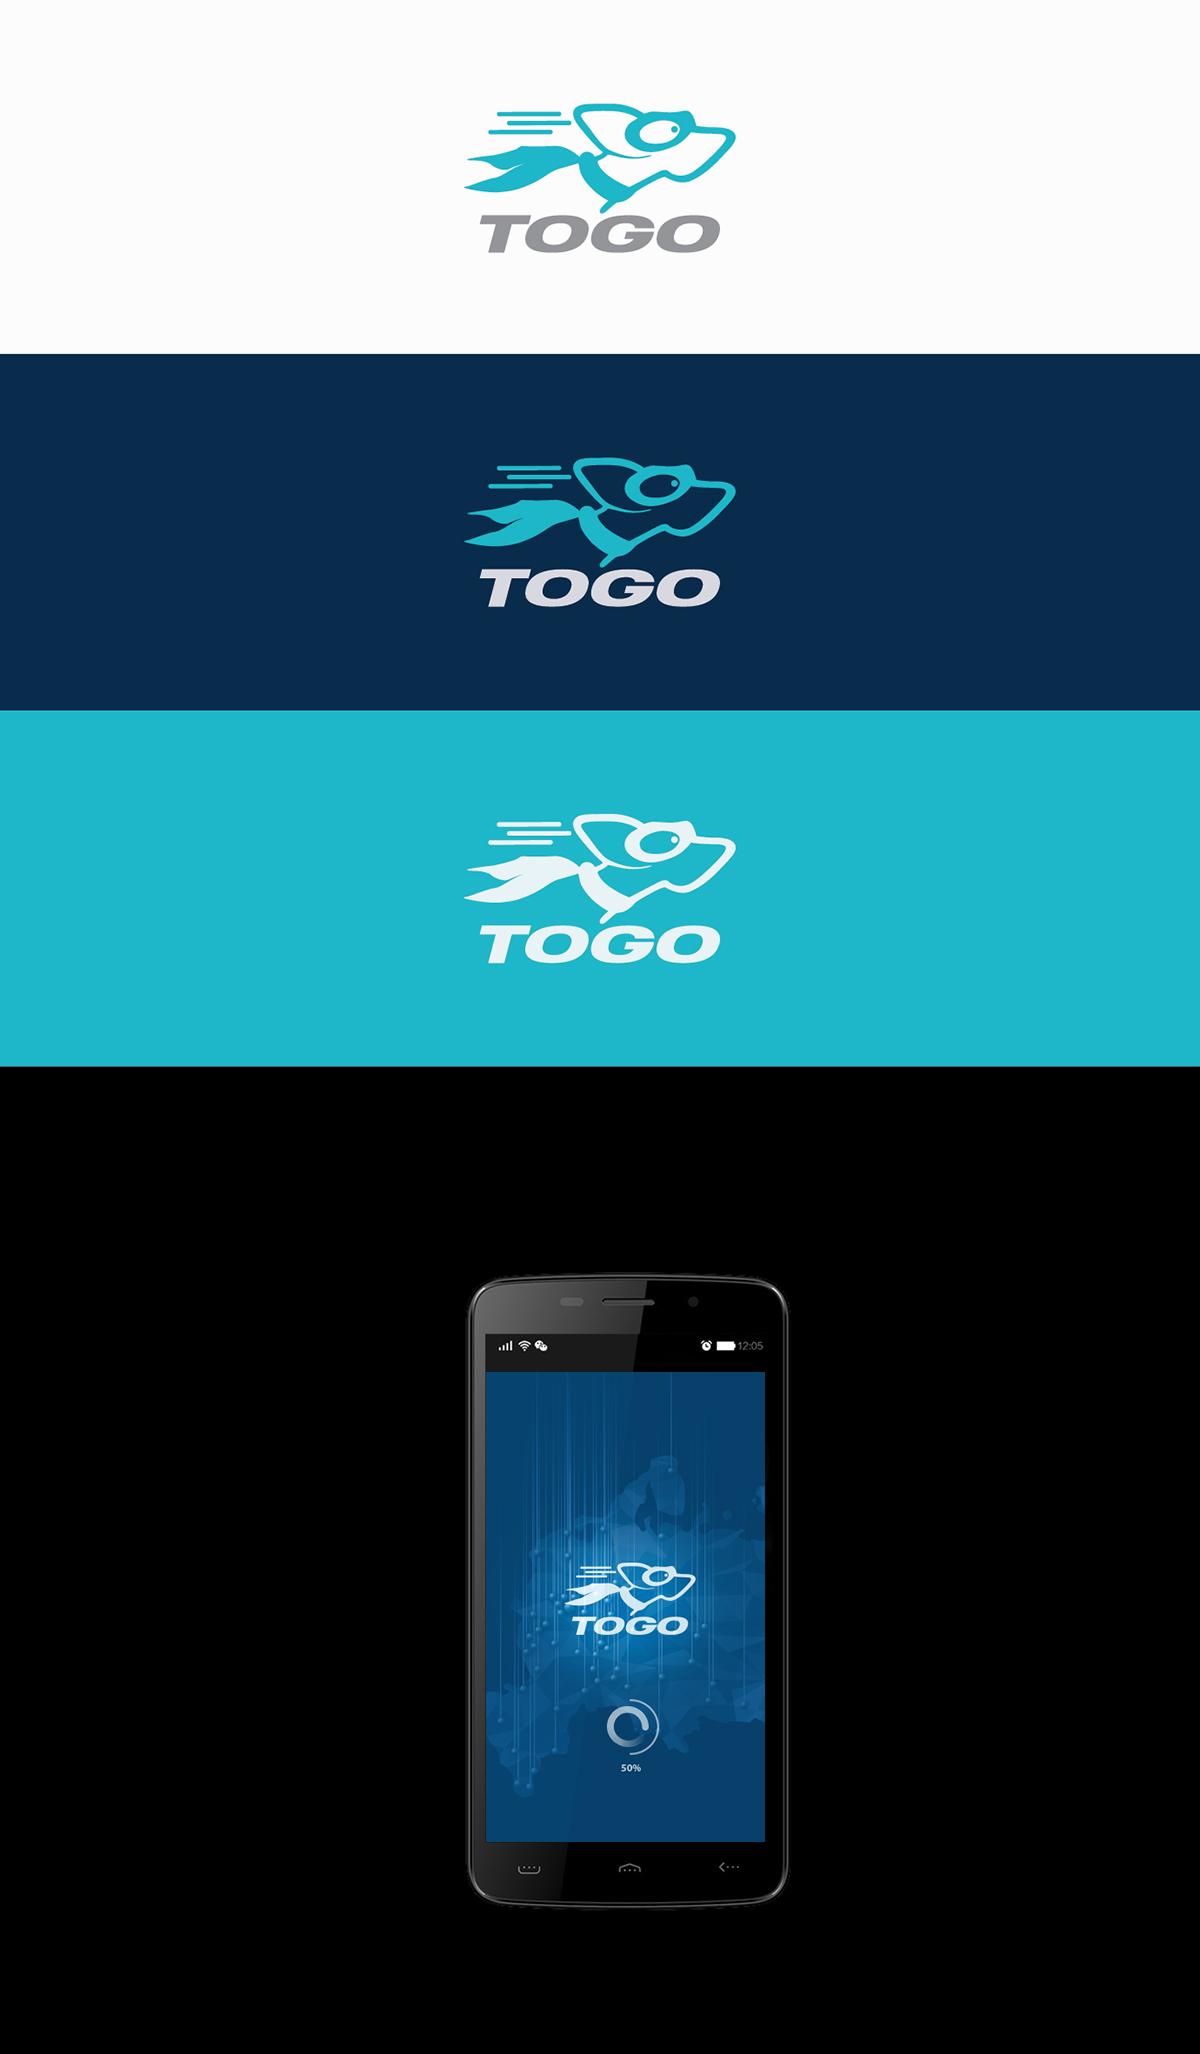 Разработать логотип и экран загрузки приложения фото f_4045a8e9b0f5853a.jpg